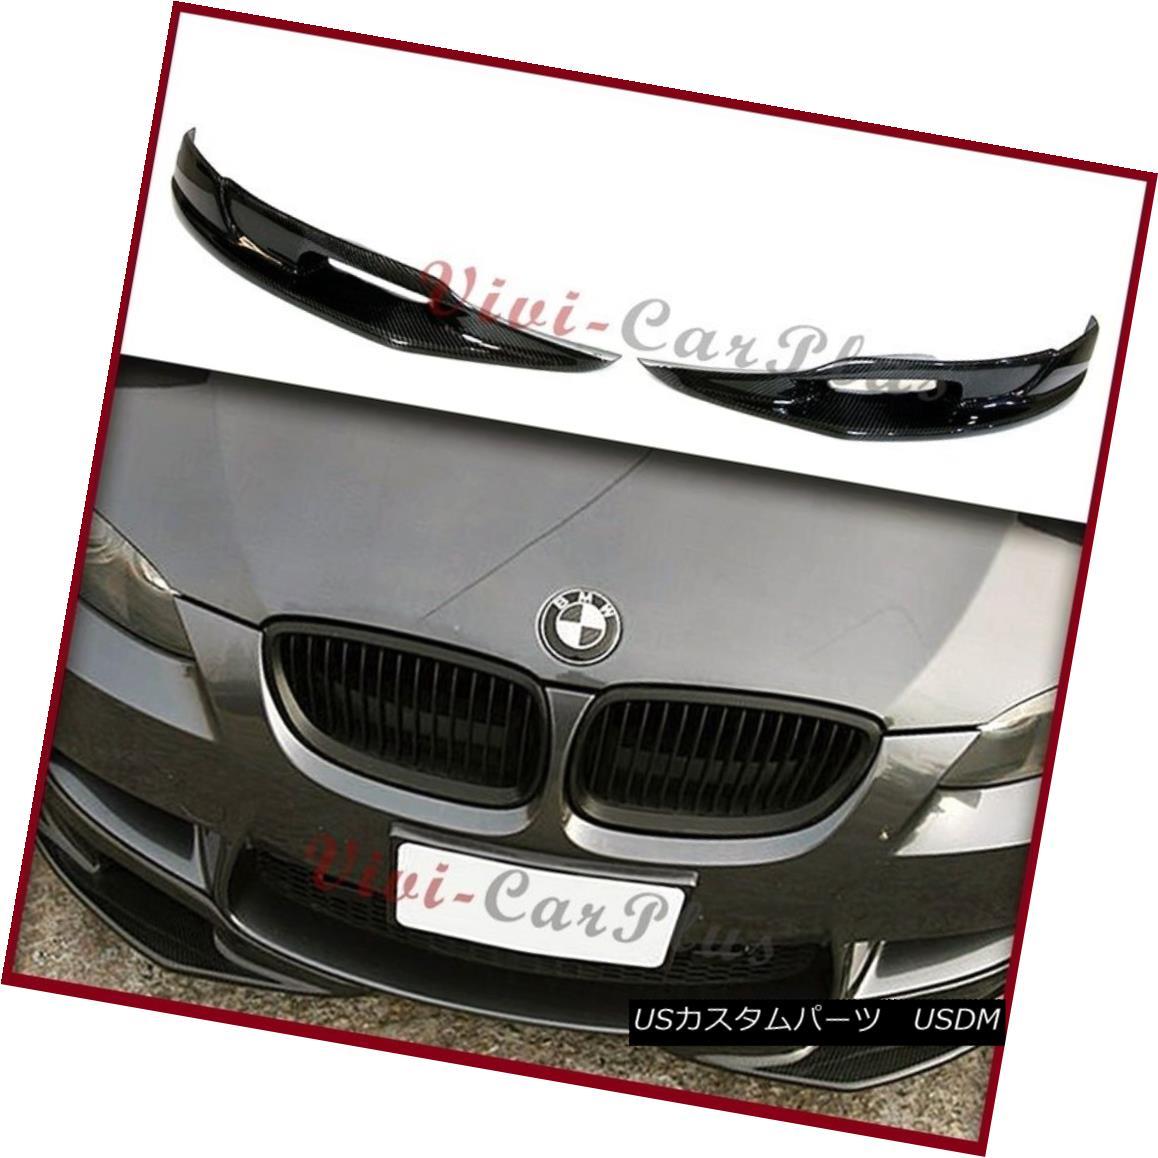 3D Look Carbon Fiber Front Bumper Two Side Splitter Lip Fit 08-13 E92 E93 M3 Use